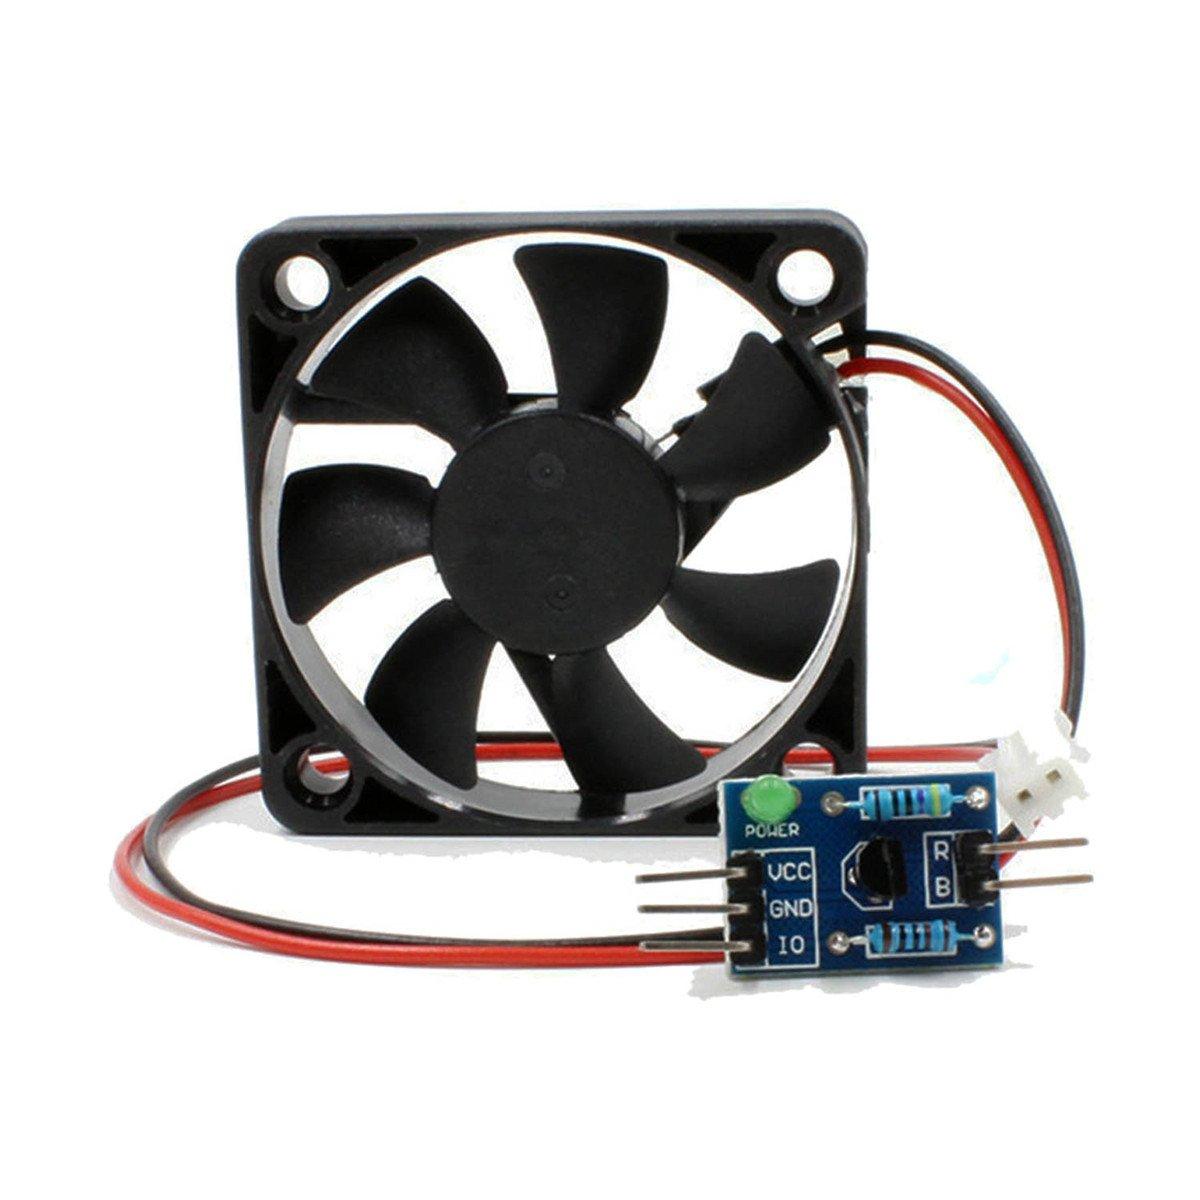 Circuit board Motor Speed Regulating Fan Module+Driving Board for Arduino